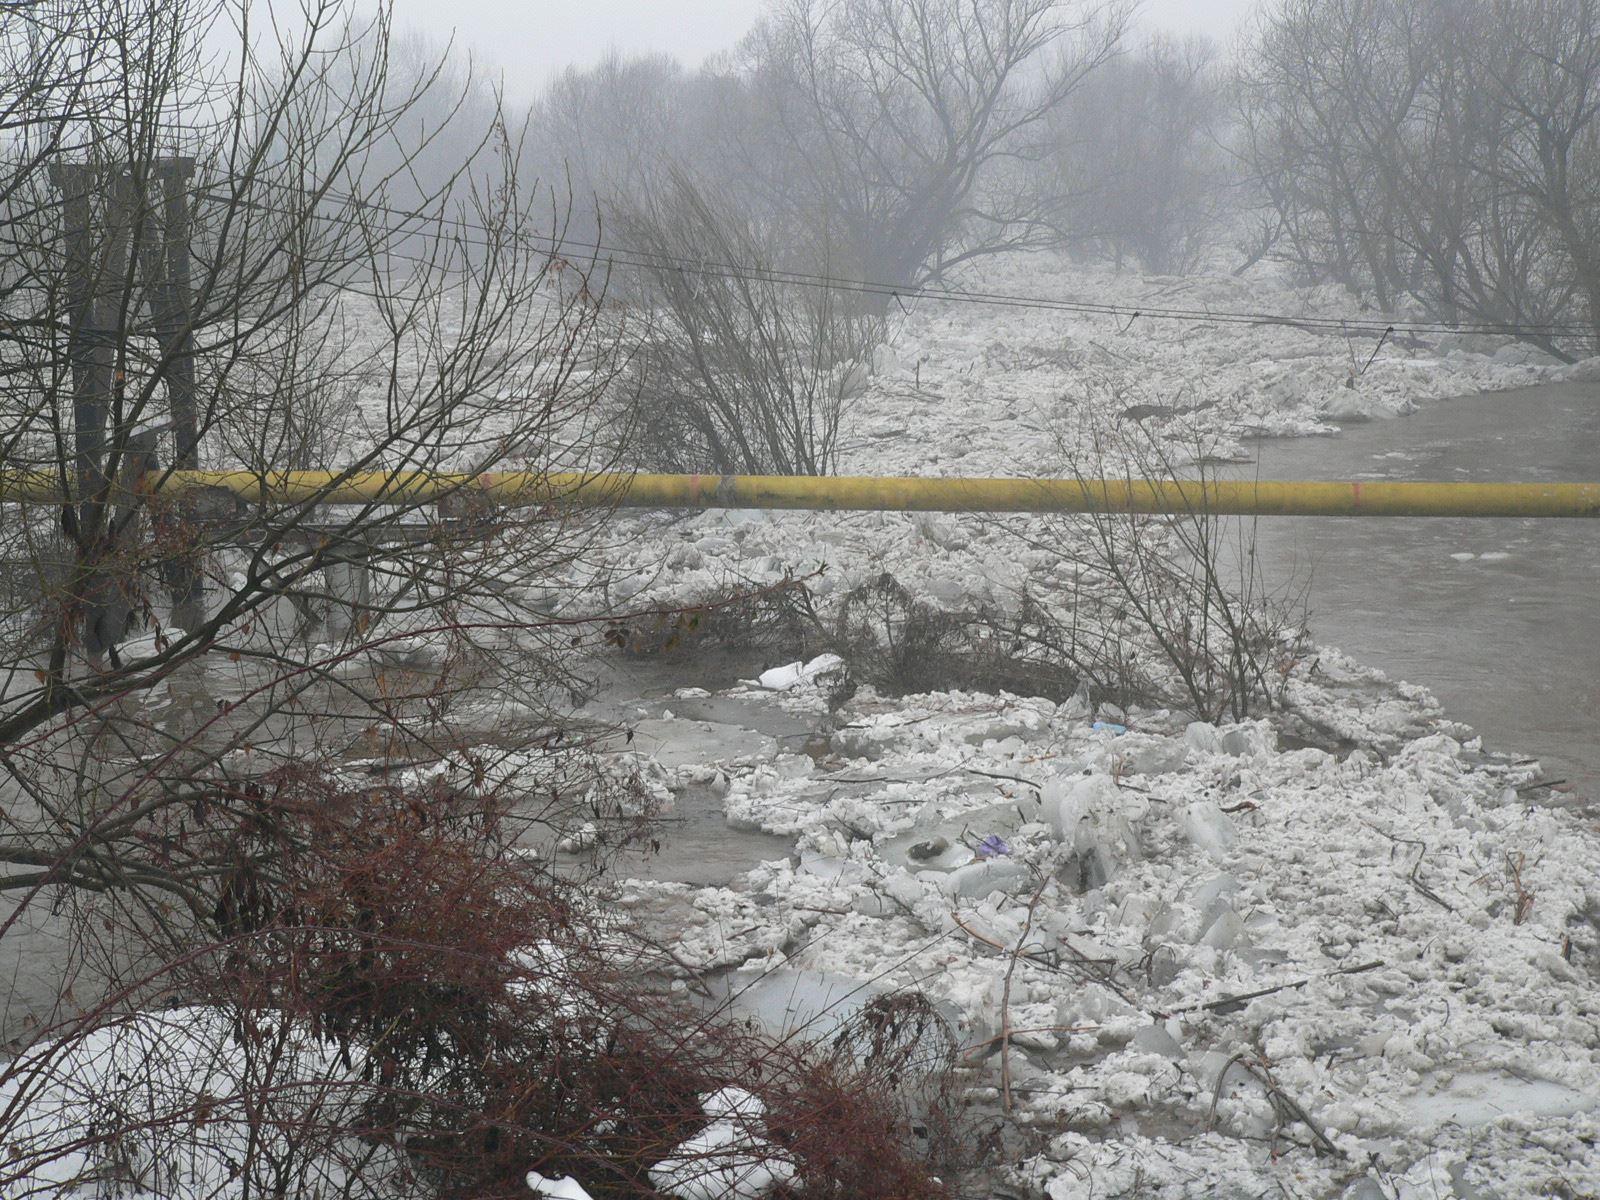 Планується підрив льодового затору на річці Визниця, щоб врятувати Шелестово від підтоплення